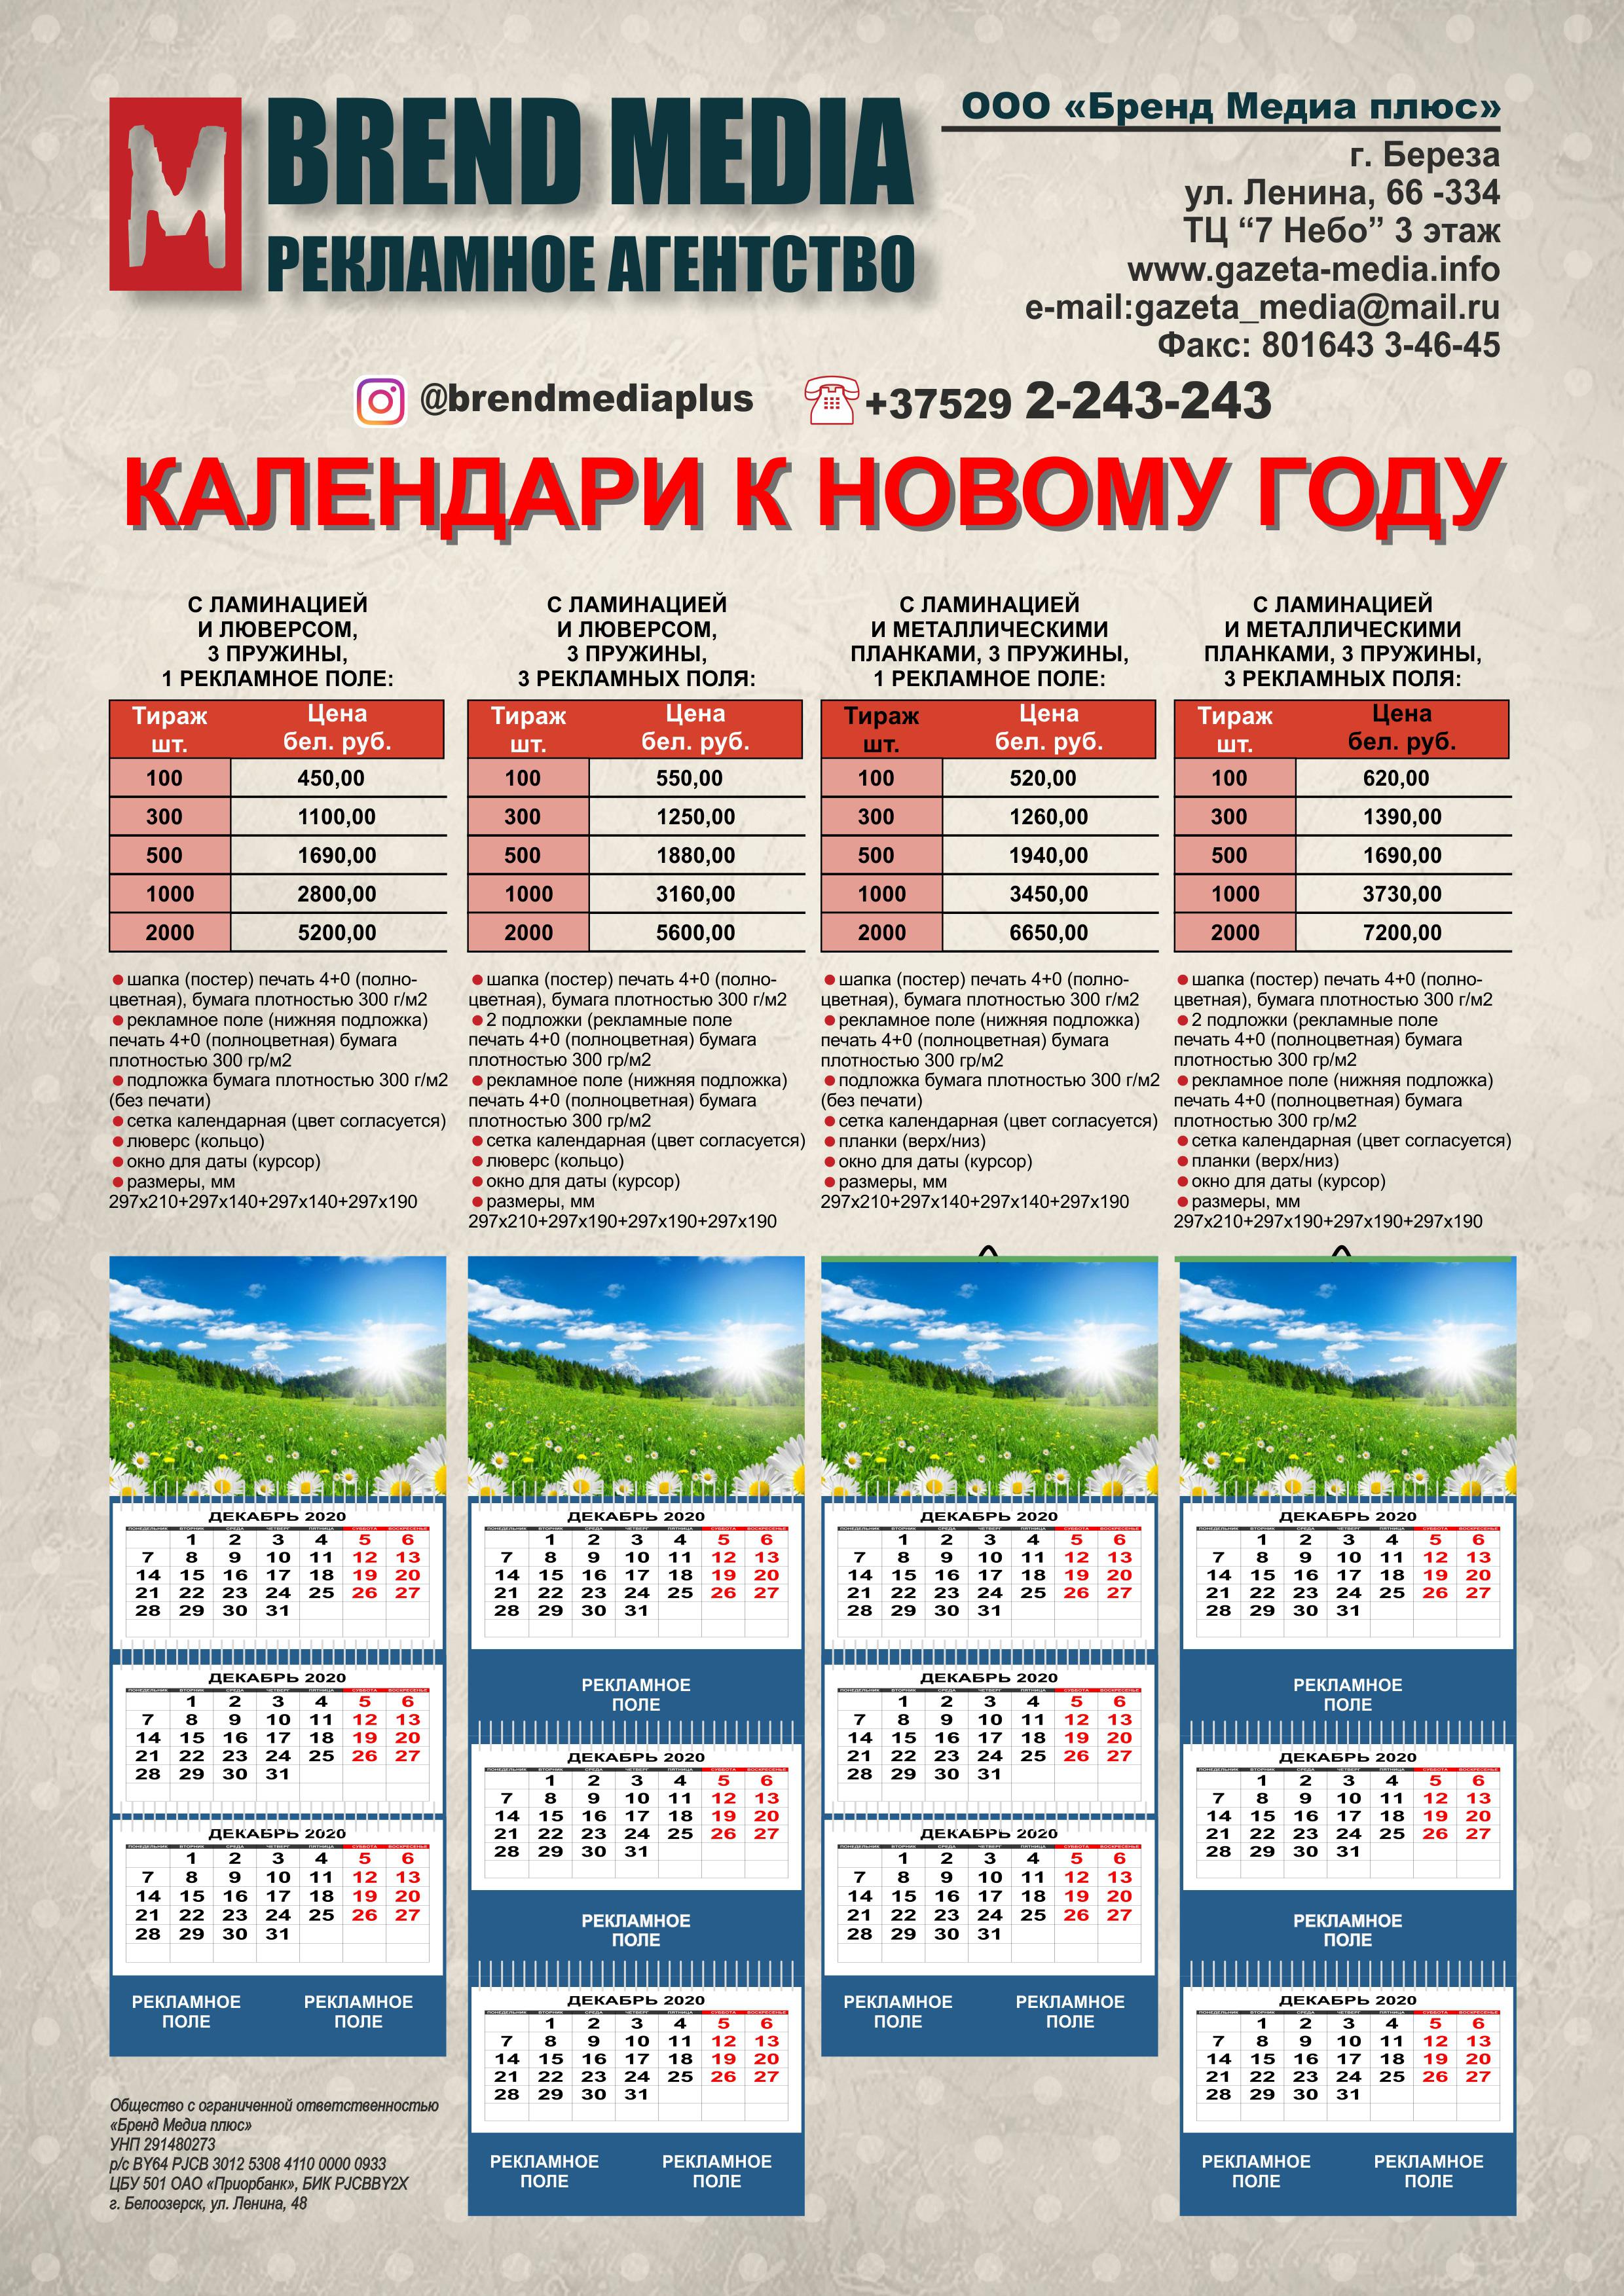 Календари к НОВОМУ 2020 гуду